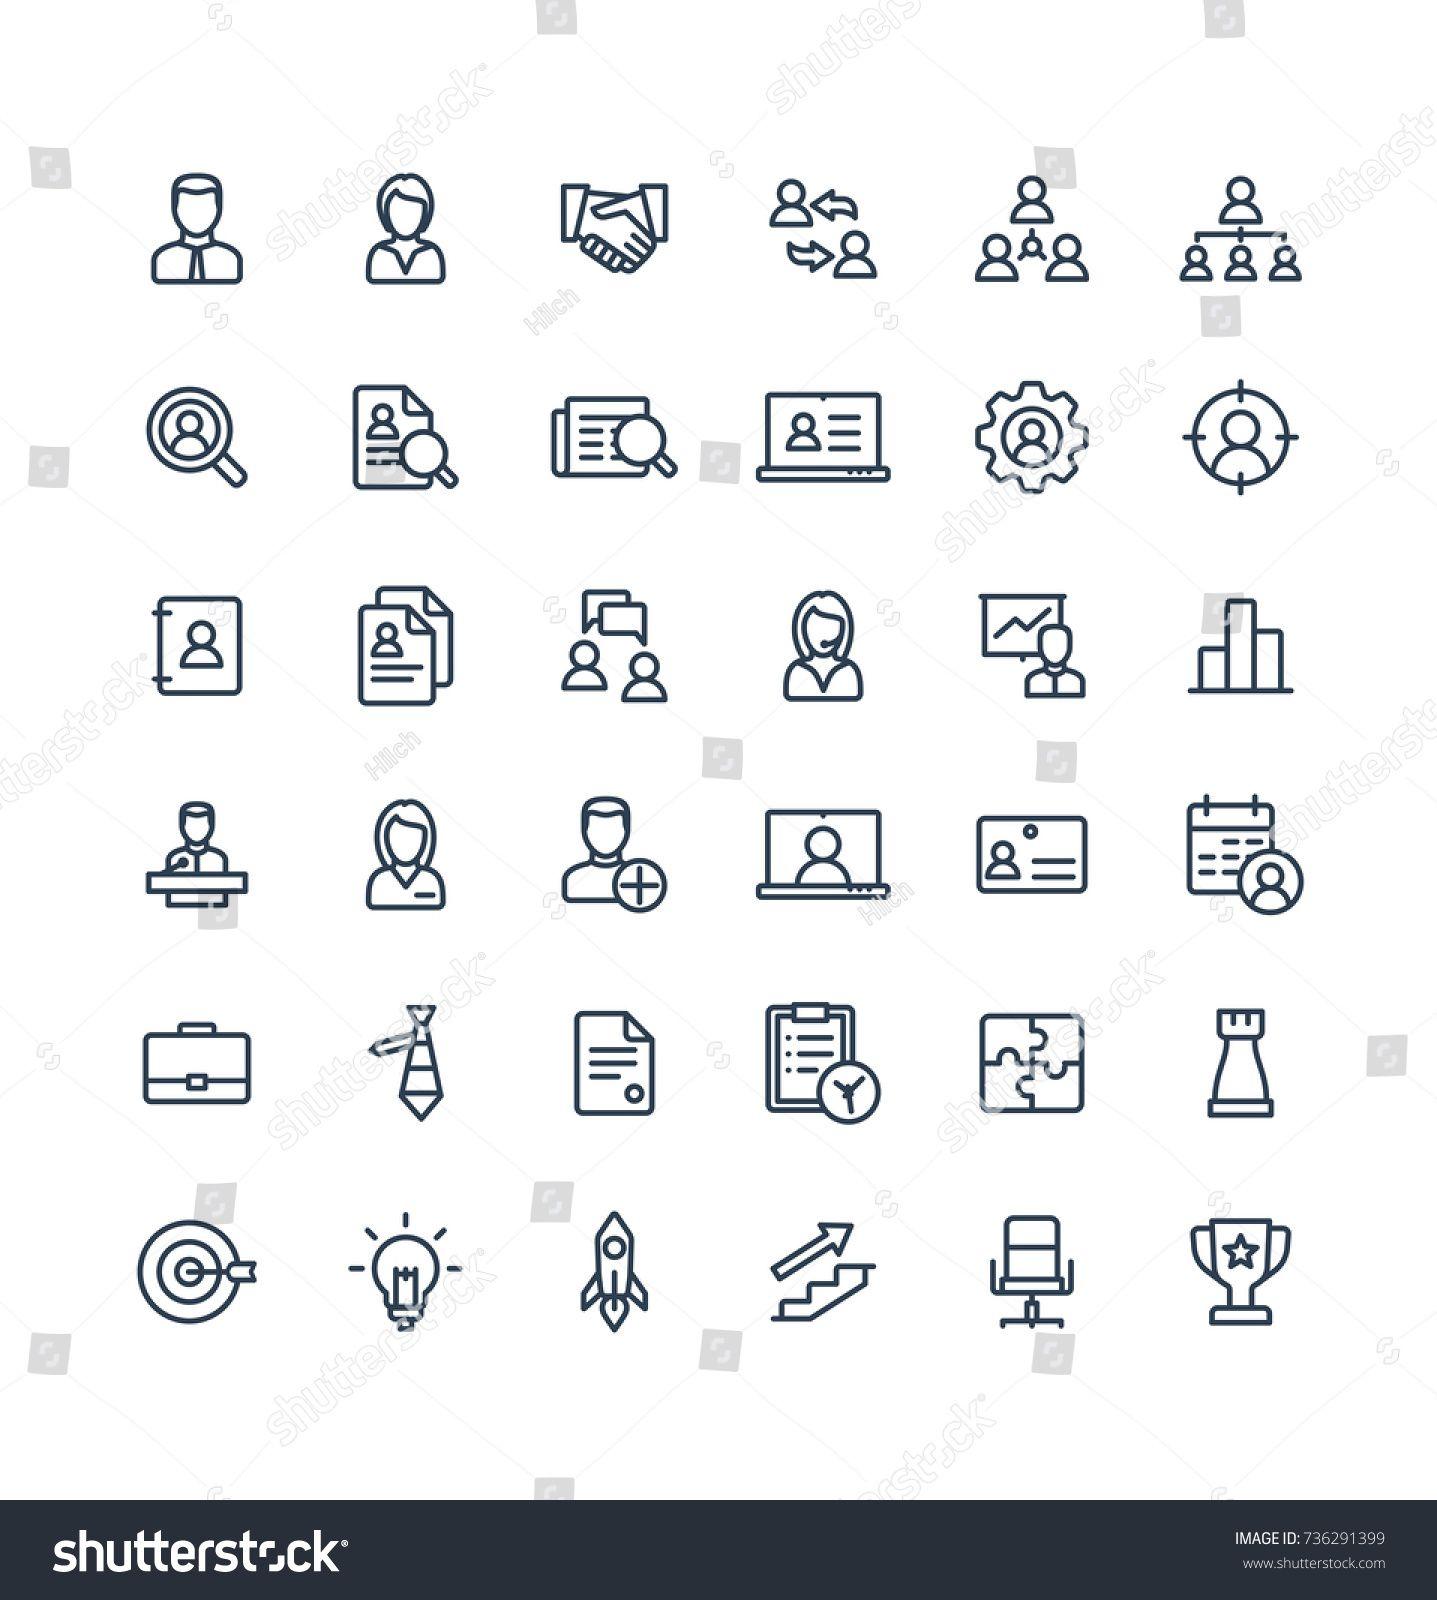 41+ Graphic symbols ideas